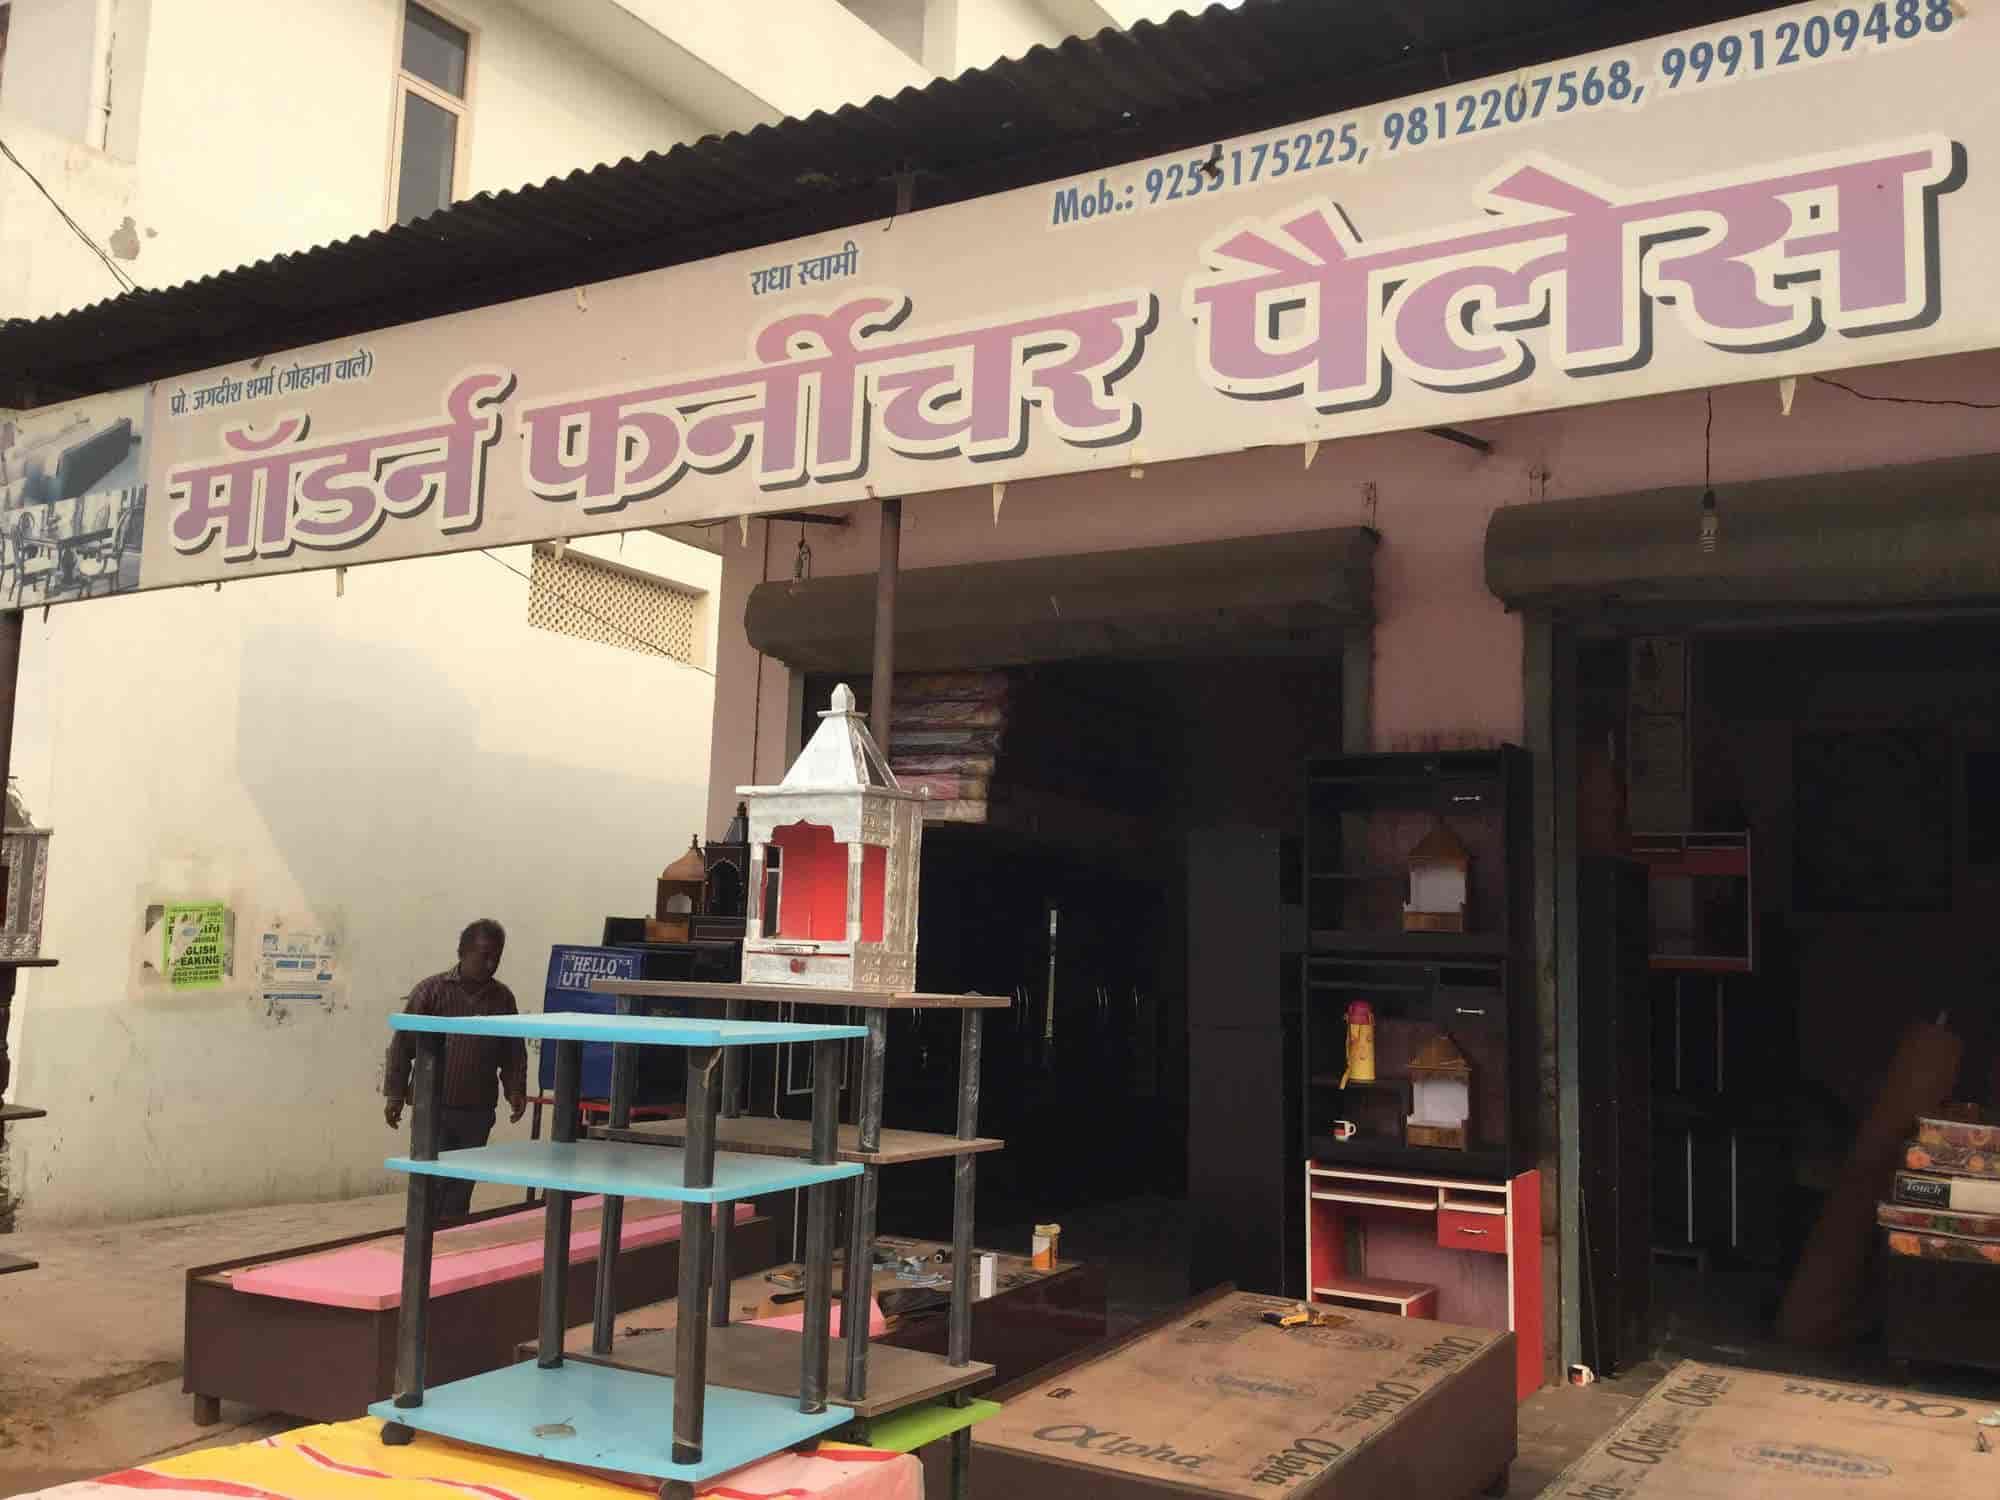 Modern furniture palace photos dharuhera rewar rewari folding furniture manufacturers